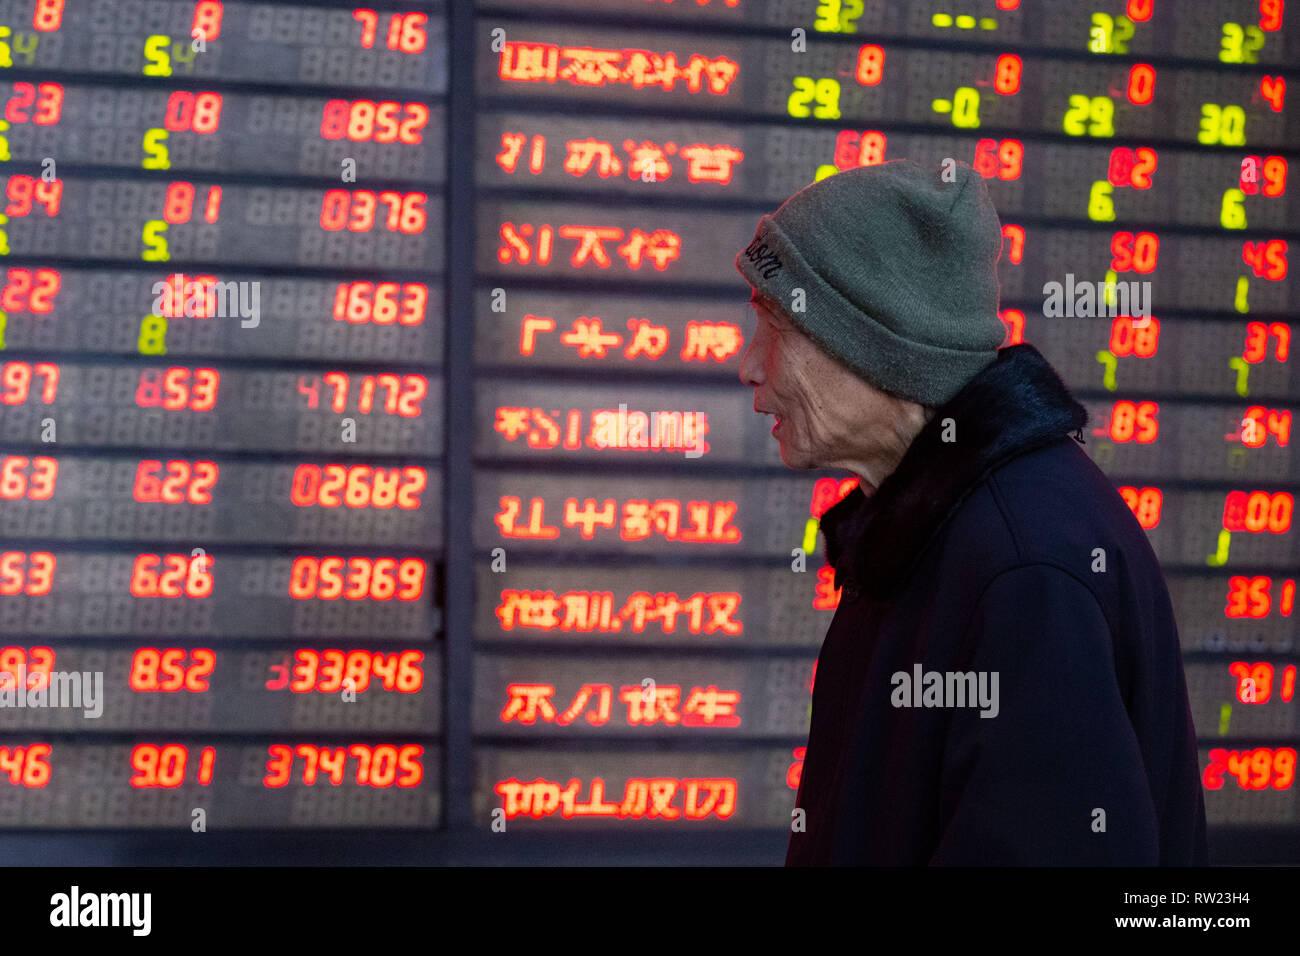 Nanjing in der chinesischen Provinz Jiangsu. 4 Mär, 2019. Ein Investor ist, die an einer Börse in Nanjing, der Hauptstadt der Provinz Jiangsu, China, 4. März 2019 gesehen. Chinesische Aktien schliessen höhere Montag, nach der MSCI Entscheidung das Gewicht Chinas A-Aktien in ihren Indizes zu erhöhen und die neu vorgestellten Regelungen auf den sci-tech Board. Der Benchmark Shanghai Composite Index gewann 1,12 Prozent auf 3,027.58 zu beenden, durch die 3.000 brechen - Punkt. Credit: Su Yang/Xinhua/Alamy leben Nachrichten Stockbild